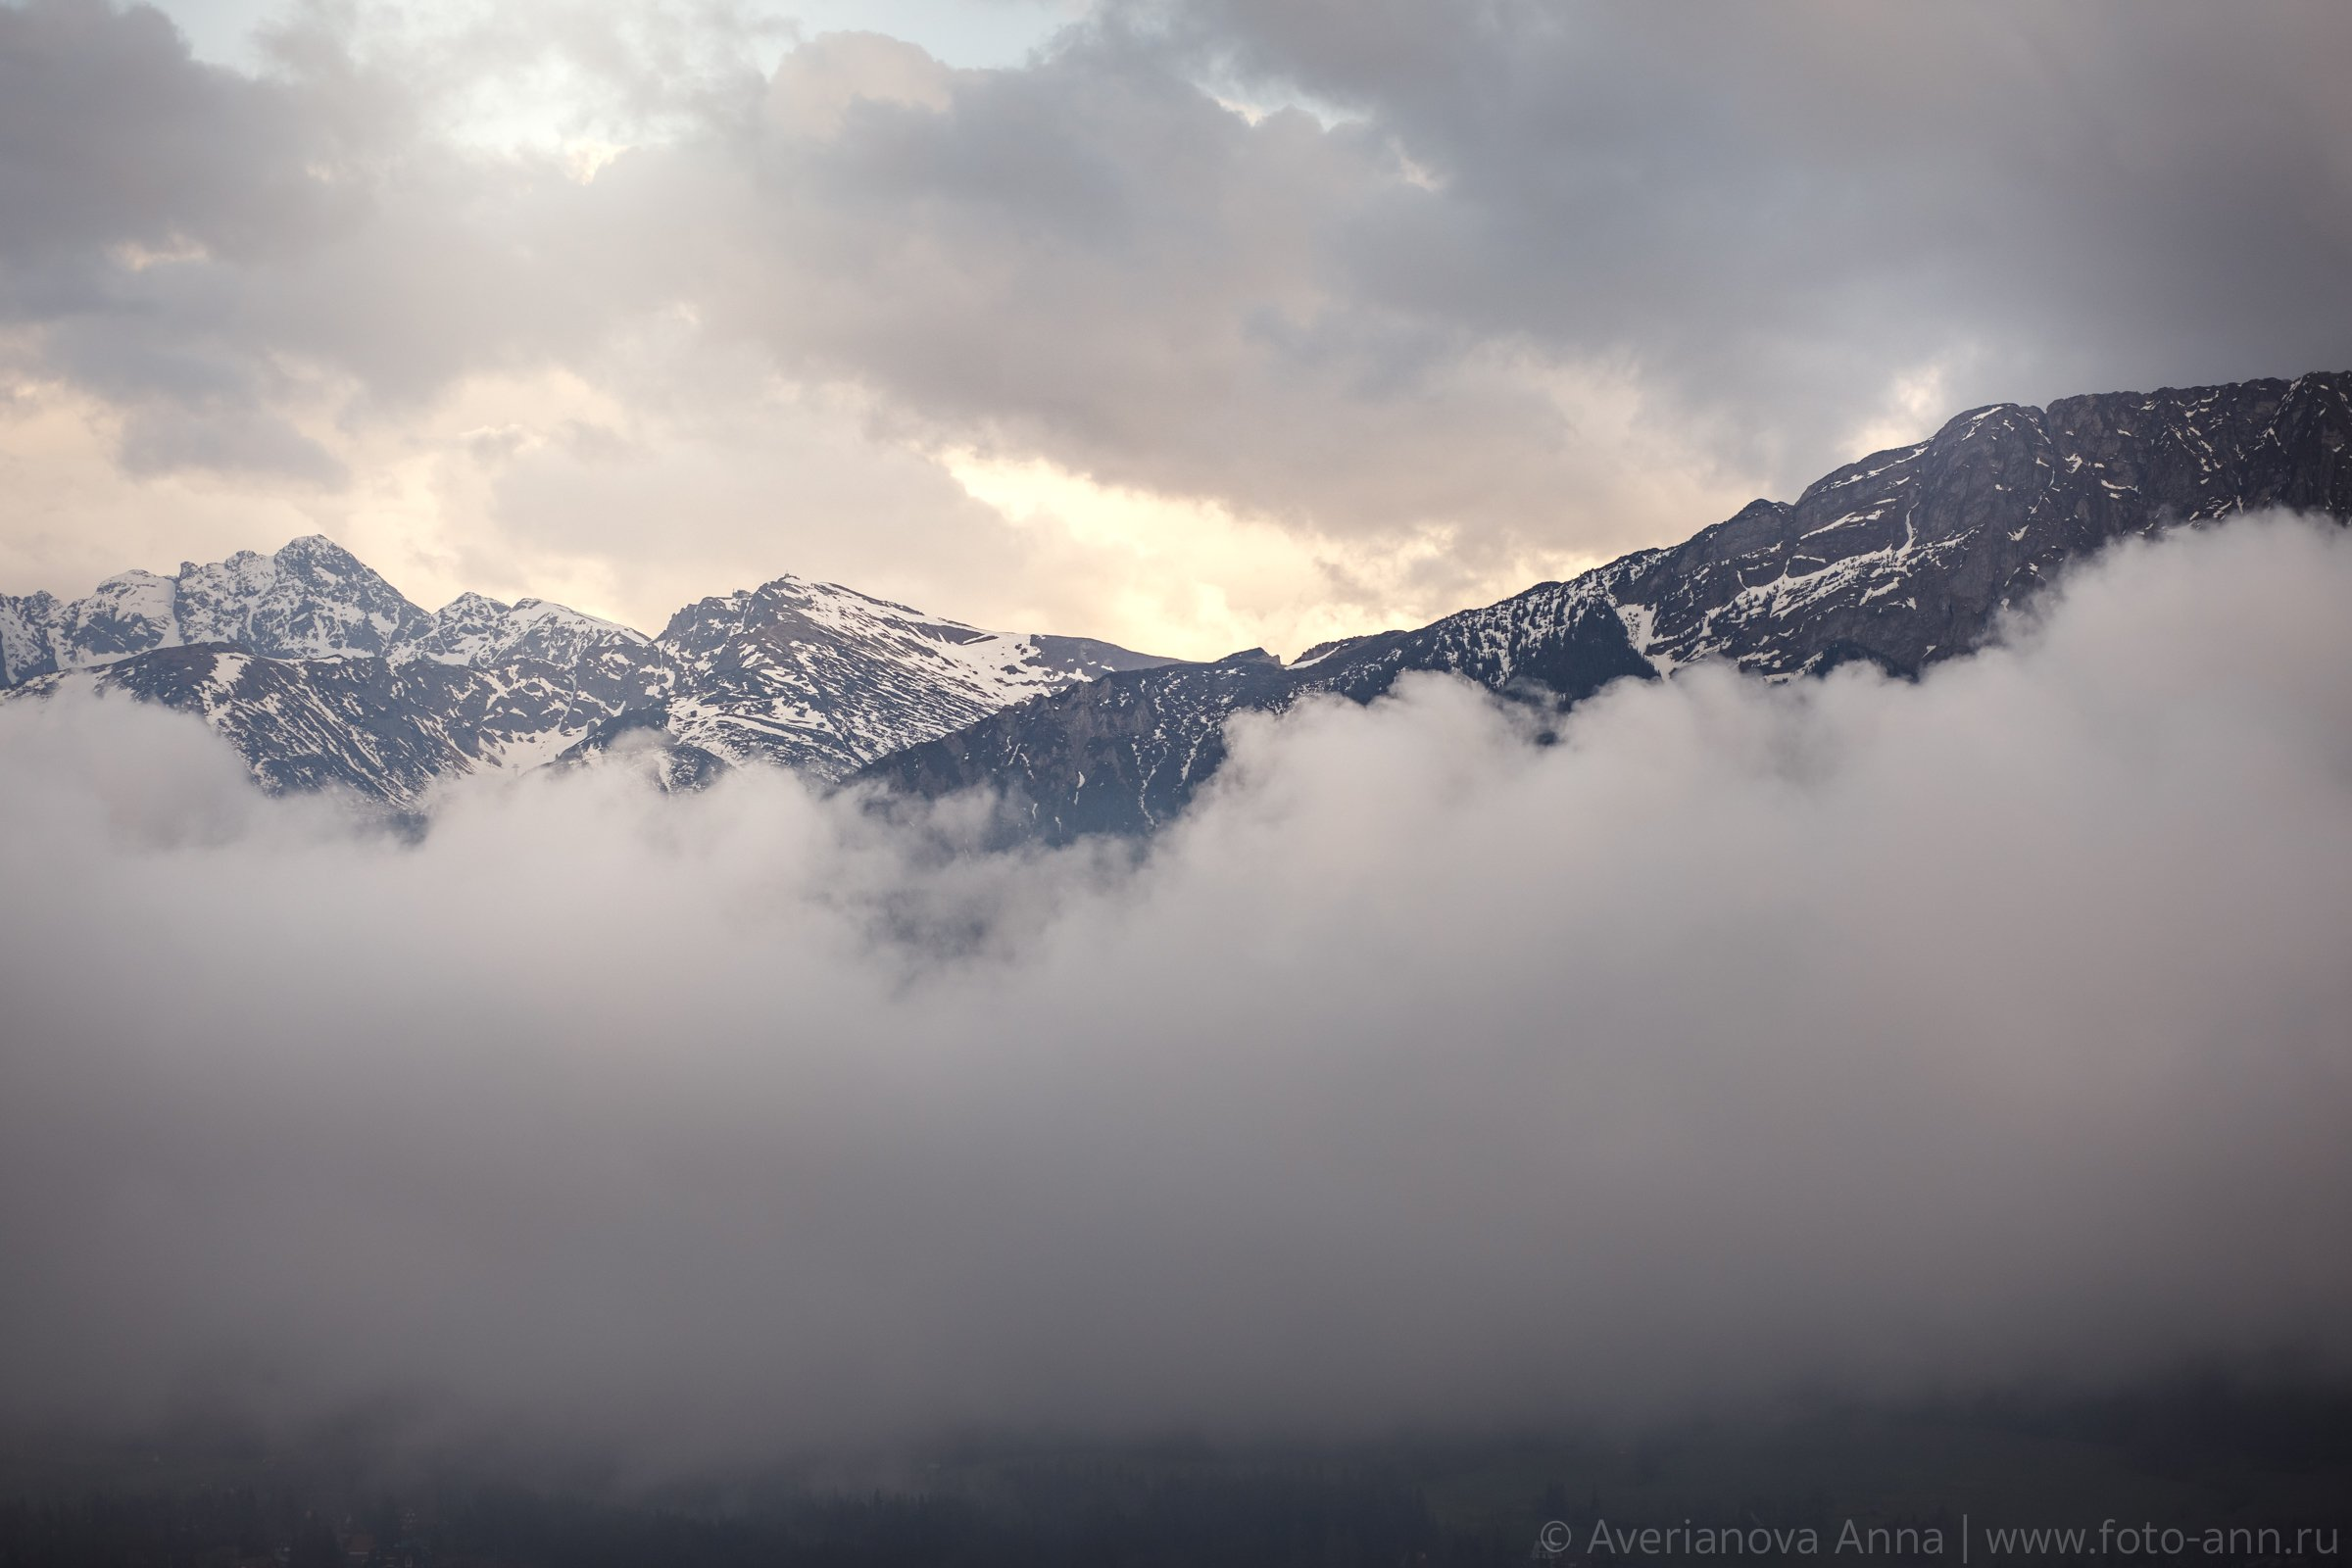 тары, горы, пейзаж, отпуск, Анна Аверьянова